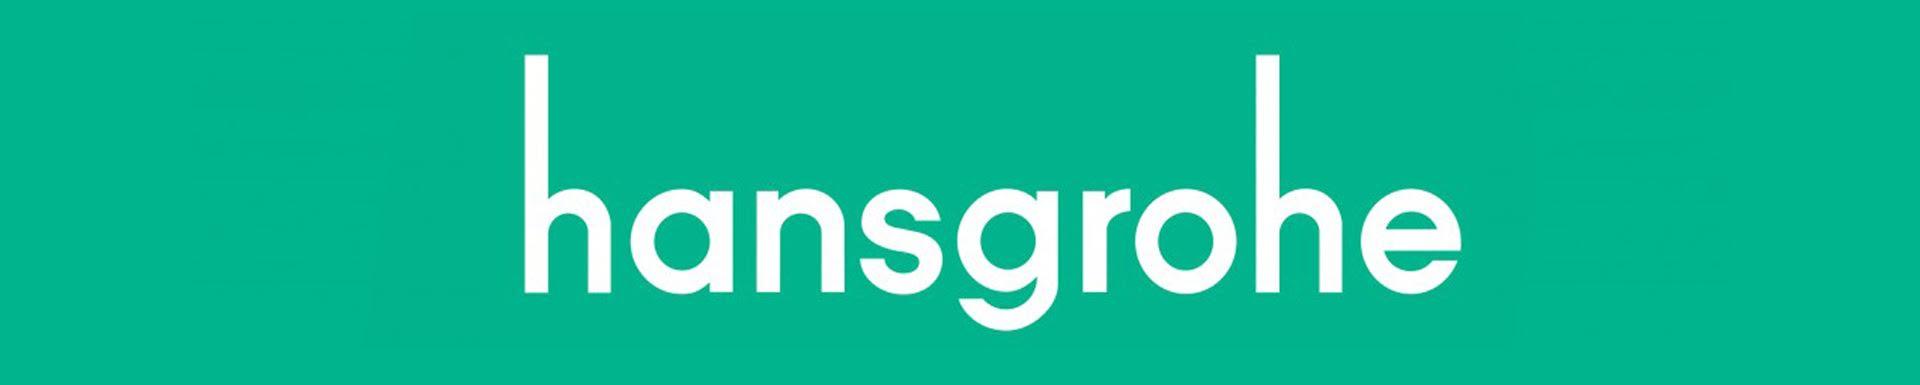 hansgrohe-du-an-ecogreen-saigon